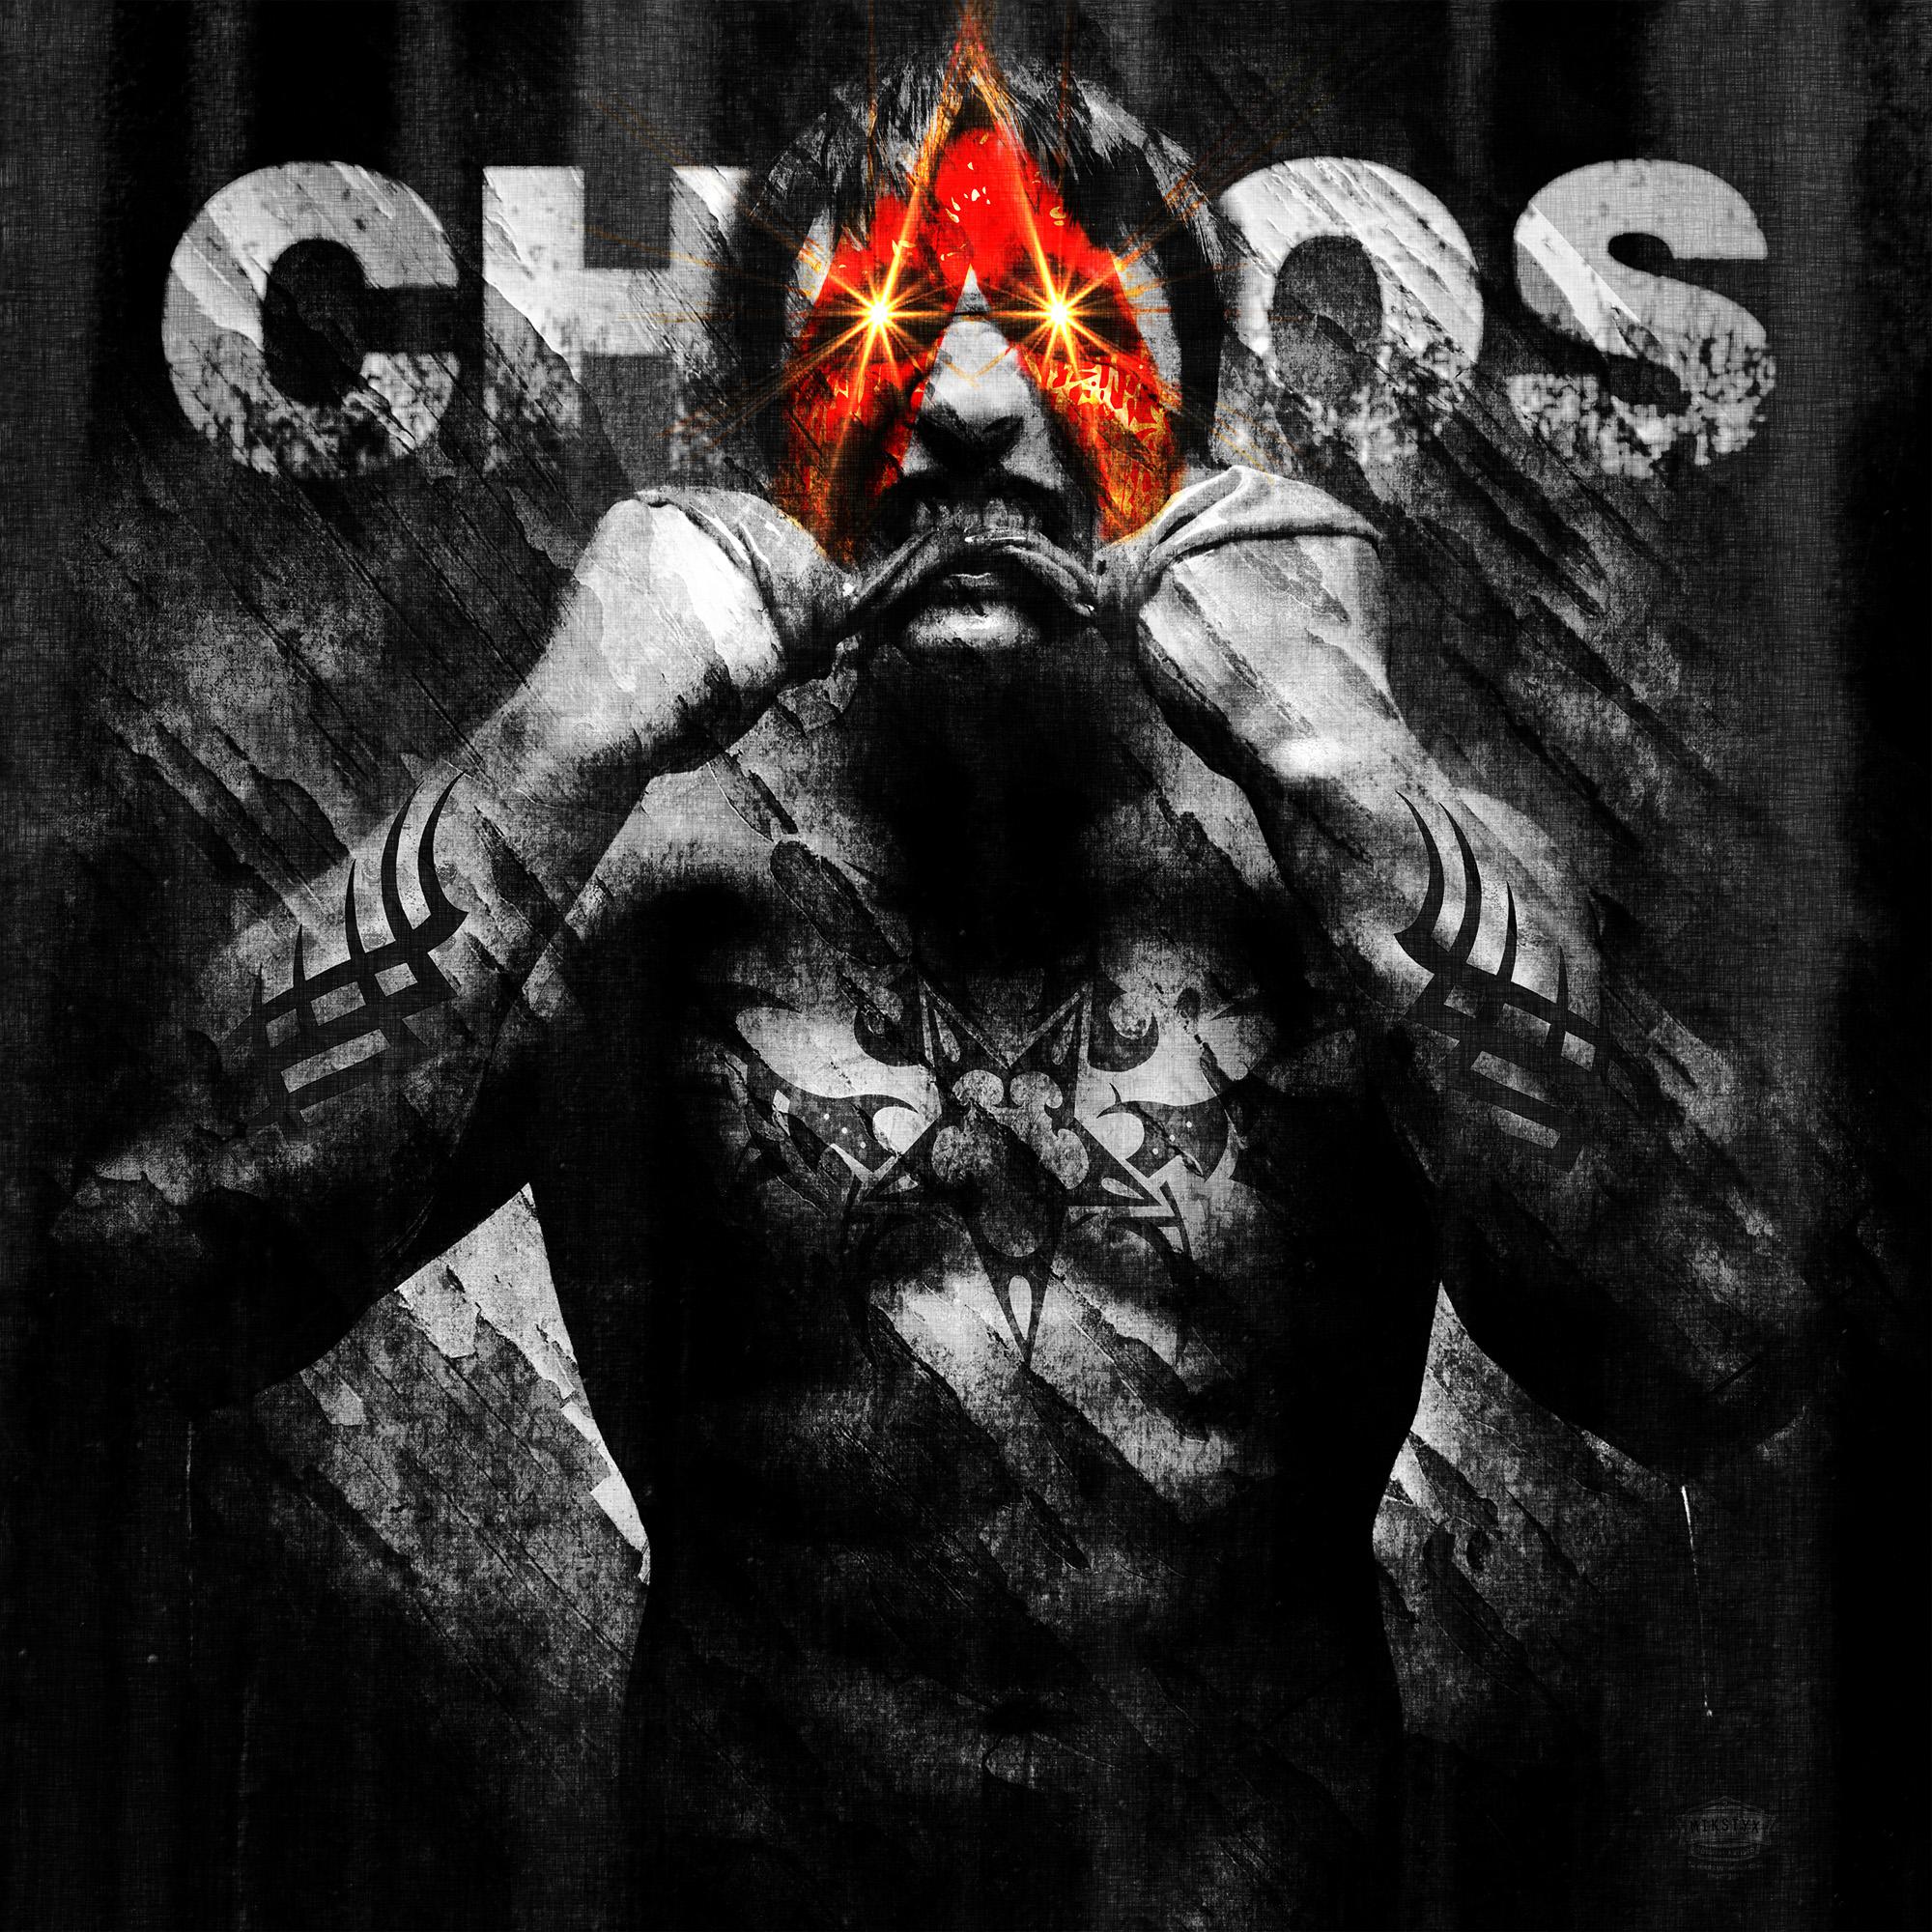 CHAOS III